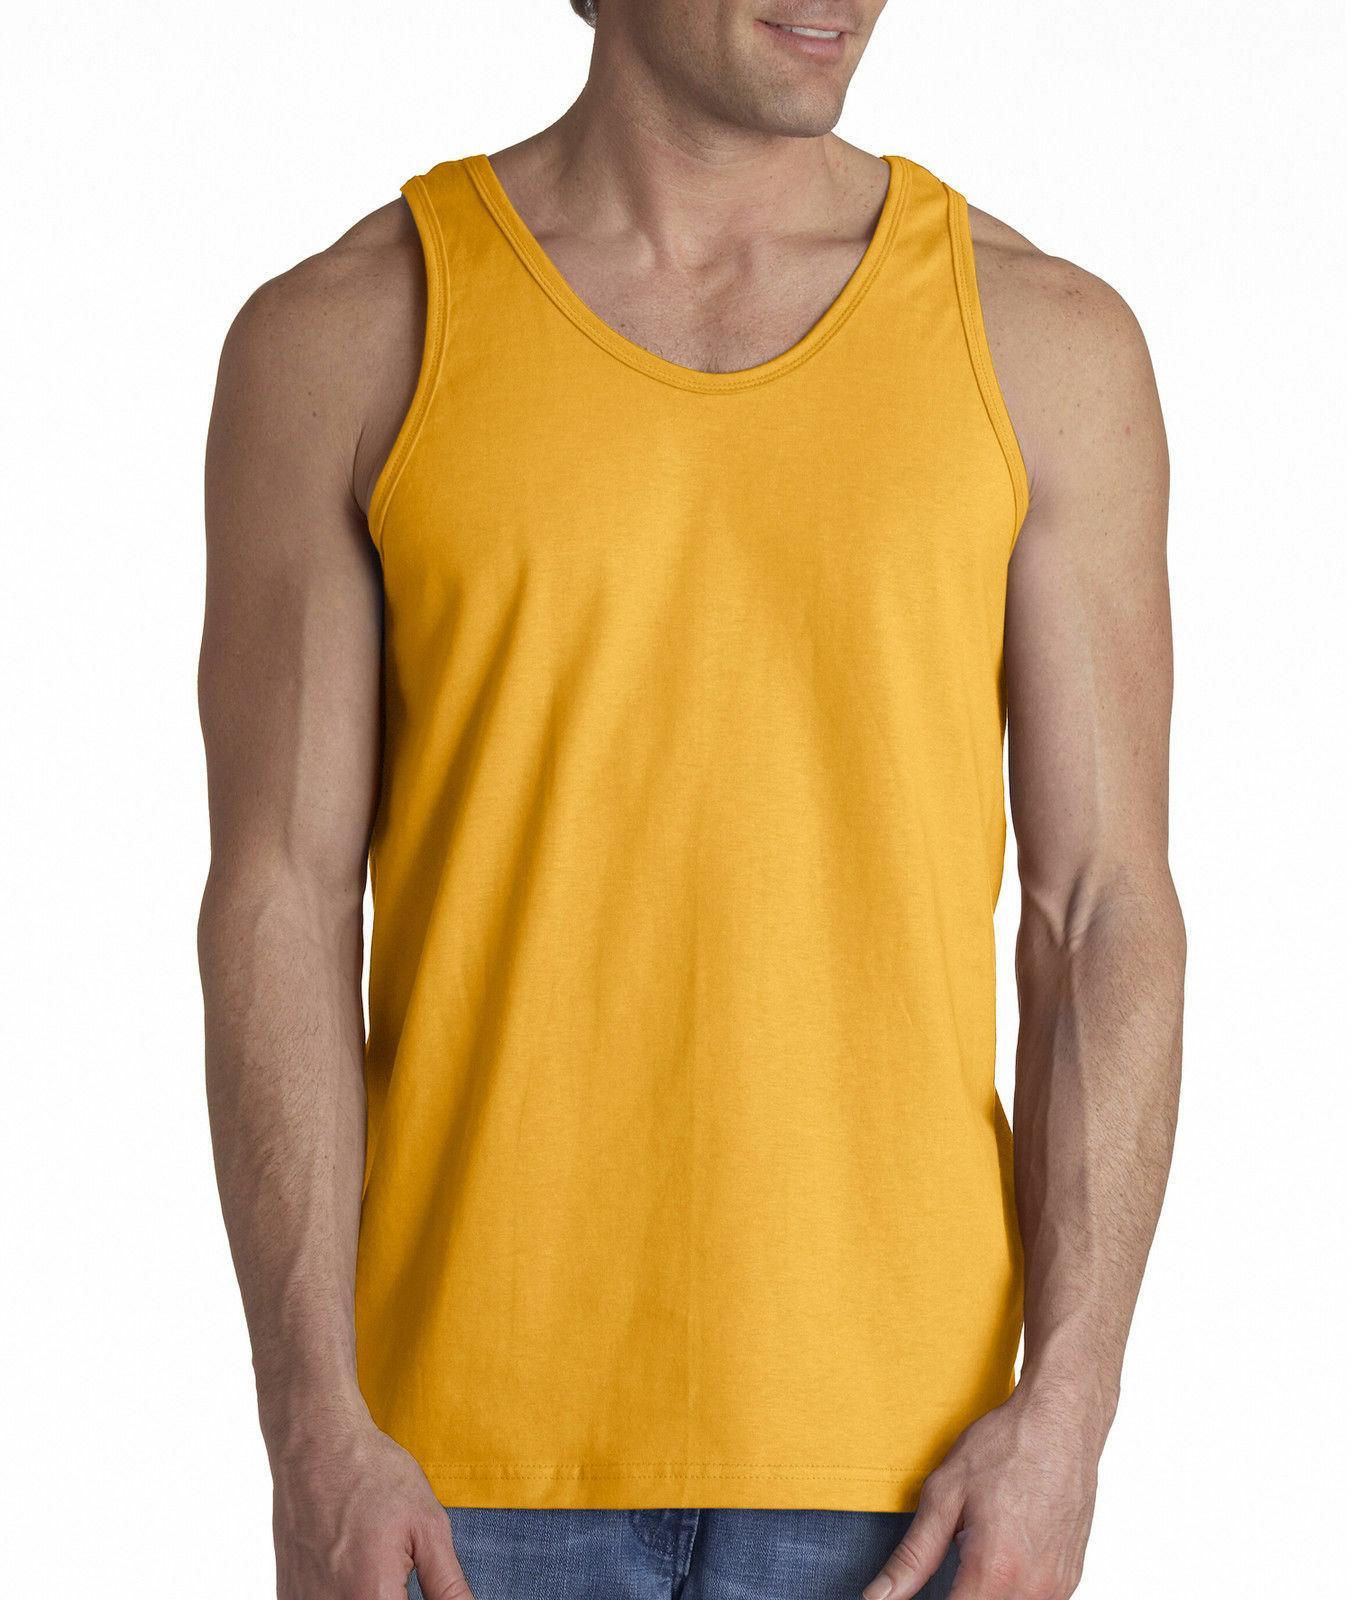 Men's Muscle Gym Plain Tee 100%Cotton